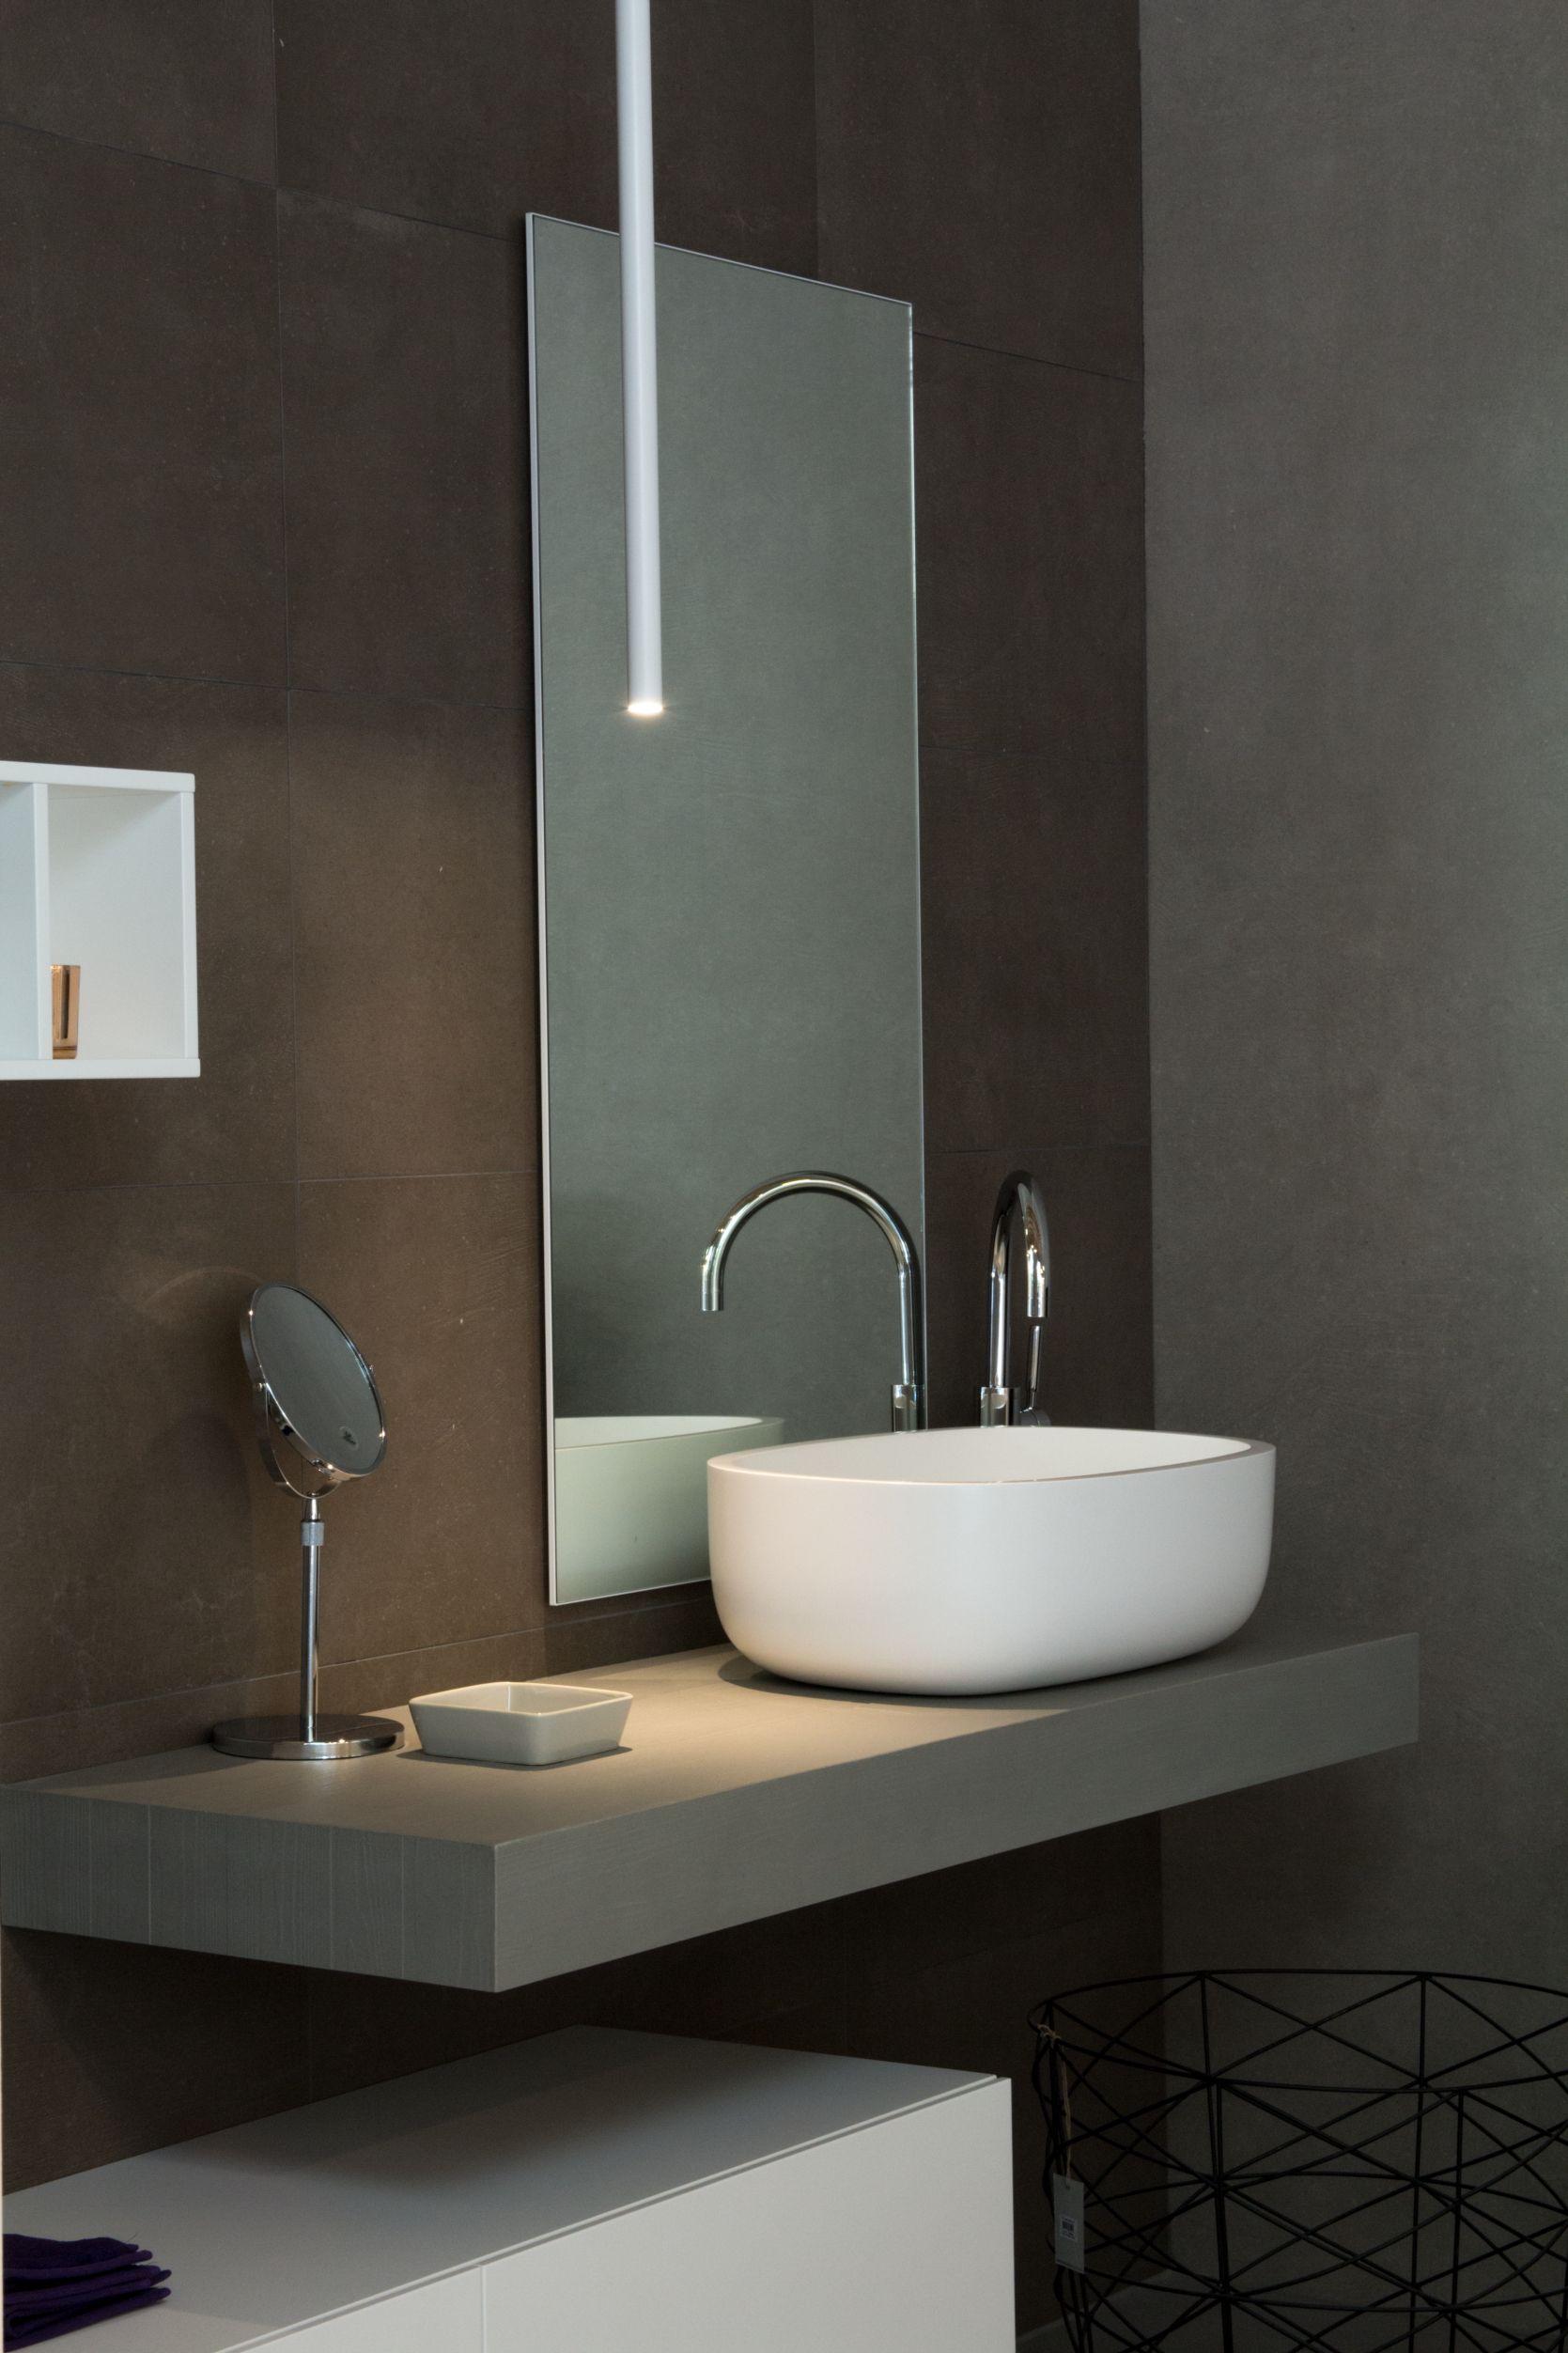 Die Idee Fur Die Badezimmer Gestaltung Mit Fliesen Eine Individuelle Waschtisch Platte Fur Ein Badezimmer Gaste Wc Modern Unterschrank Fur Aufsatzwaschbecken